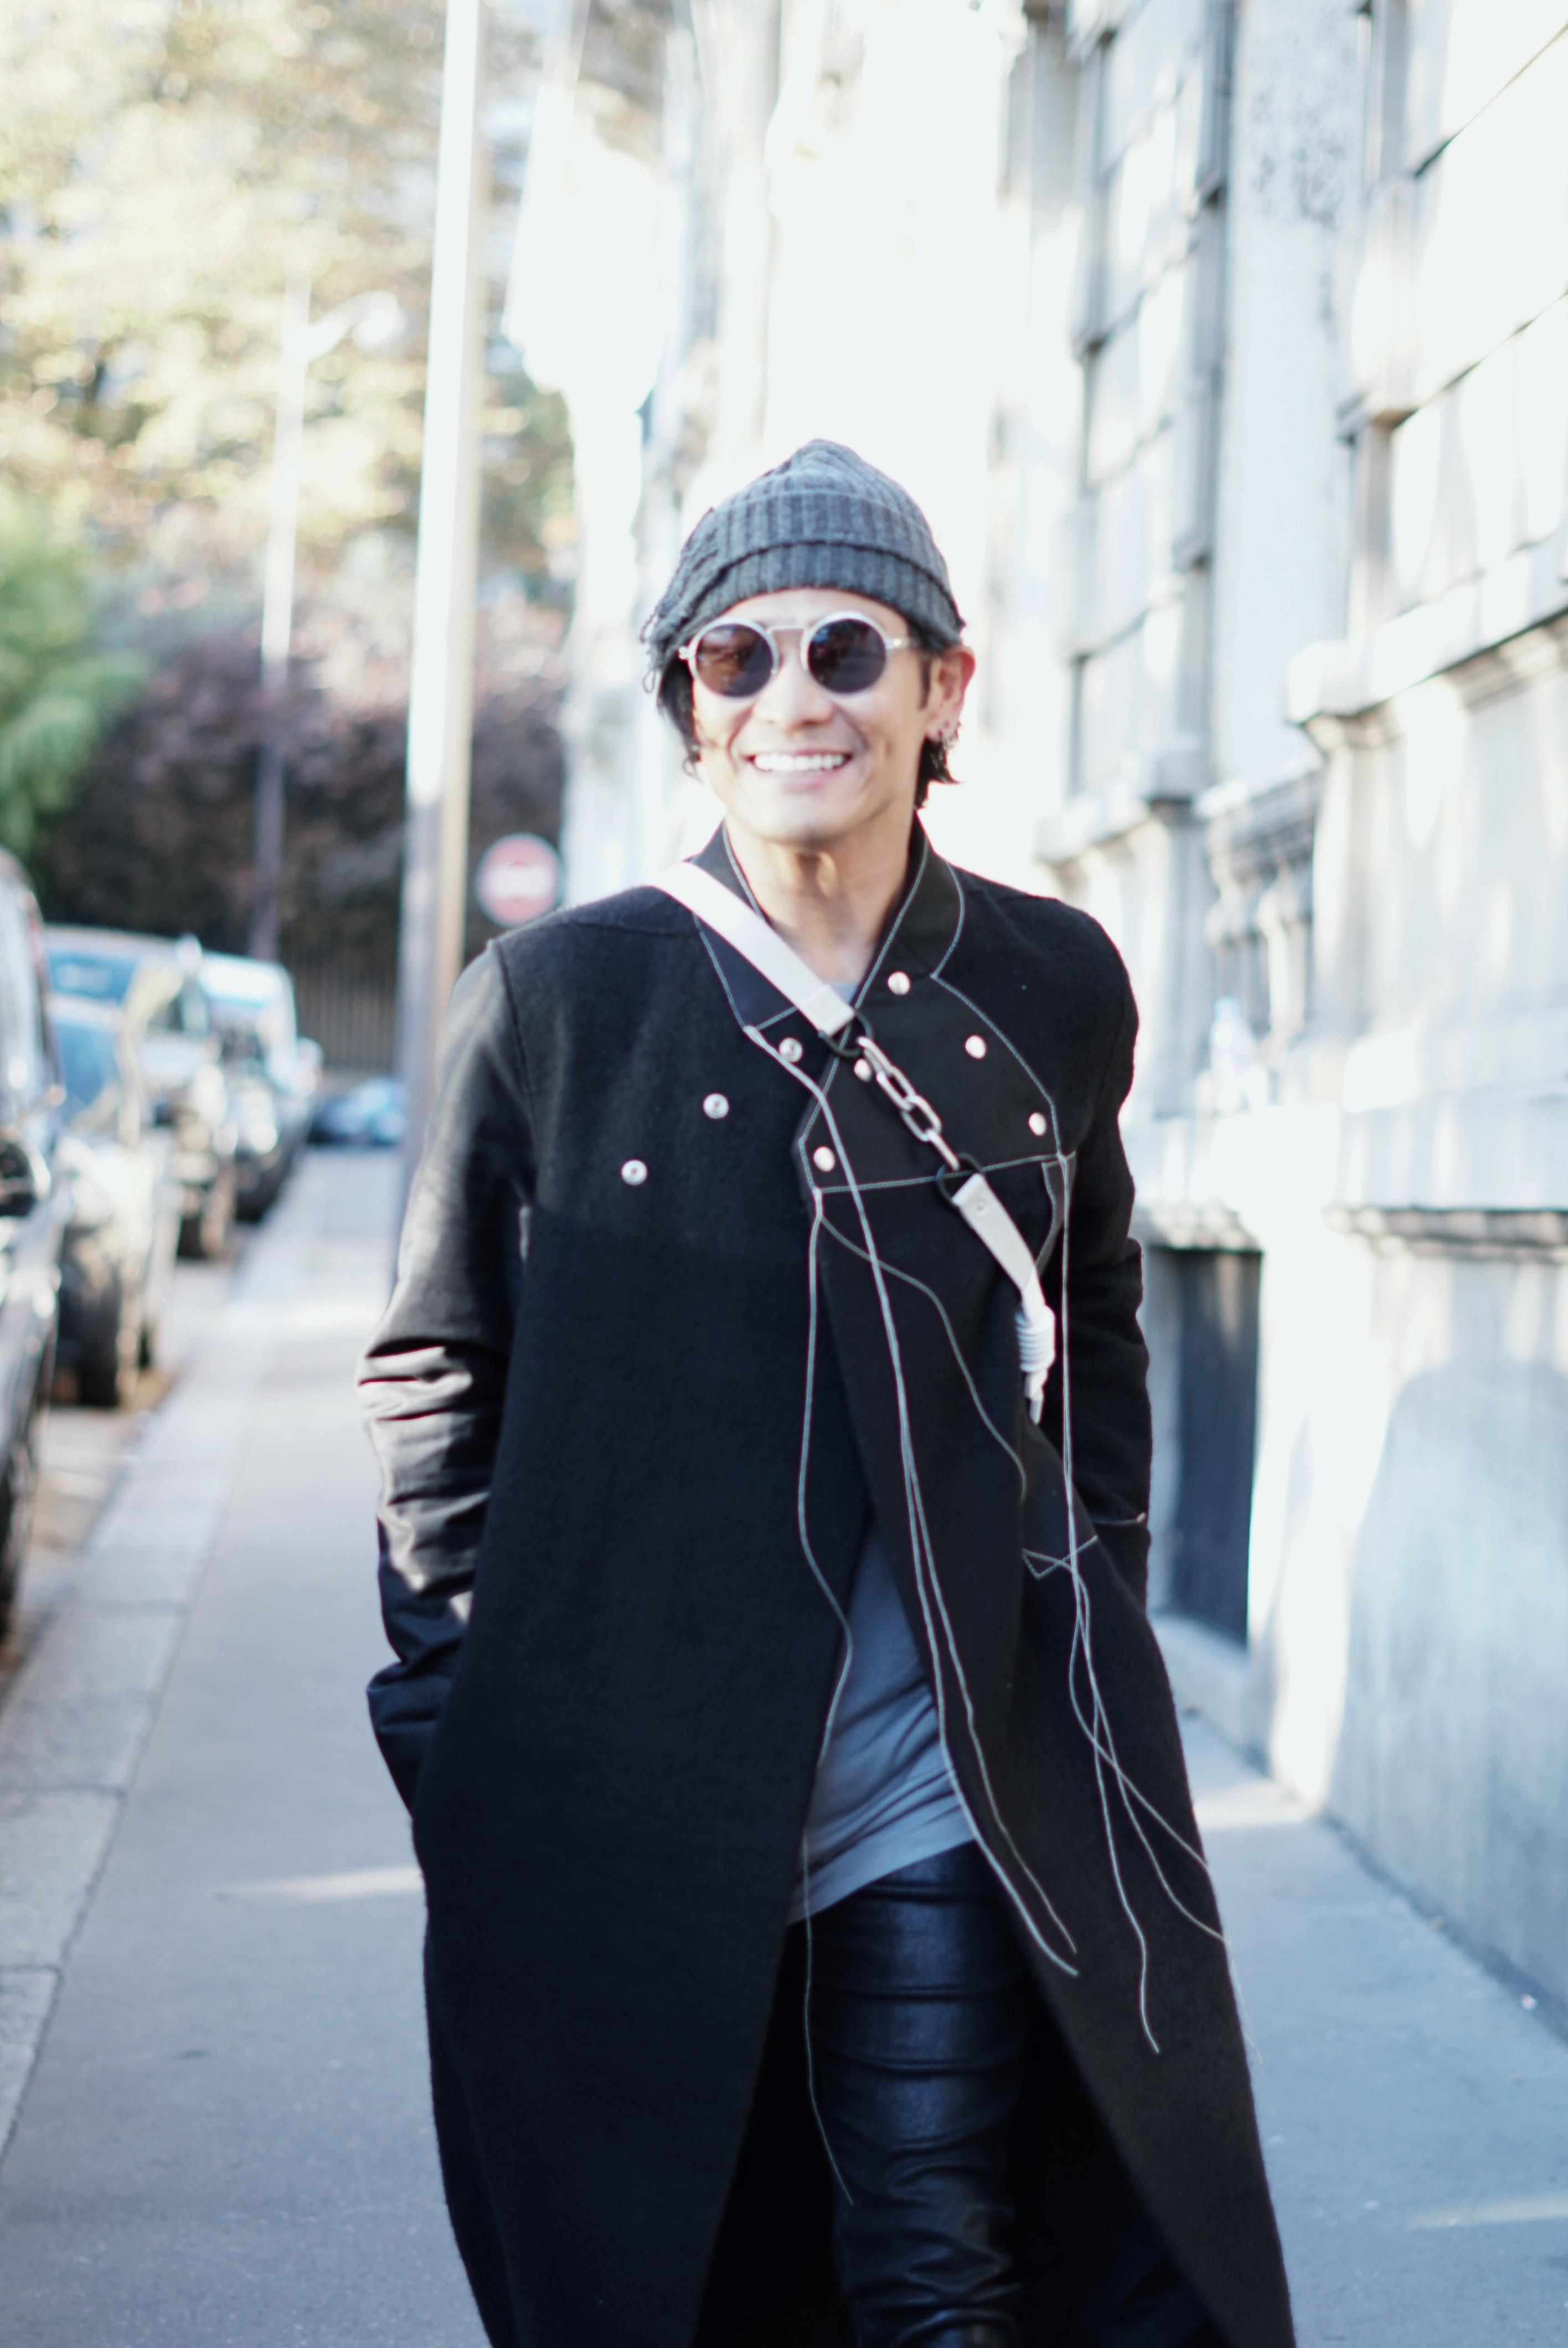 杜德伟受邀出席巴黎时装周 造型吸睛引外媒围拍